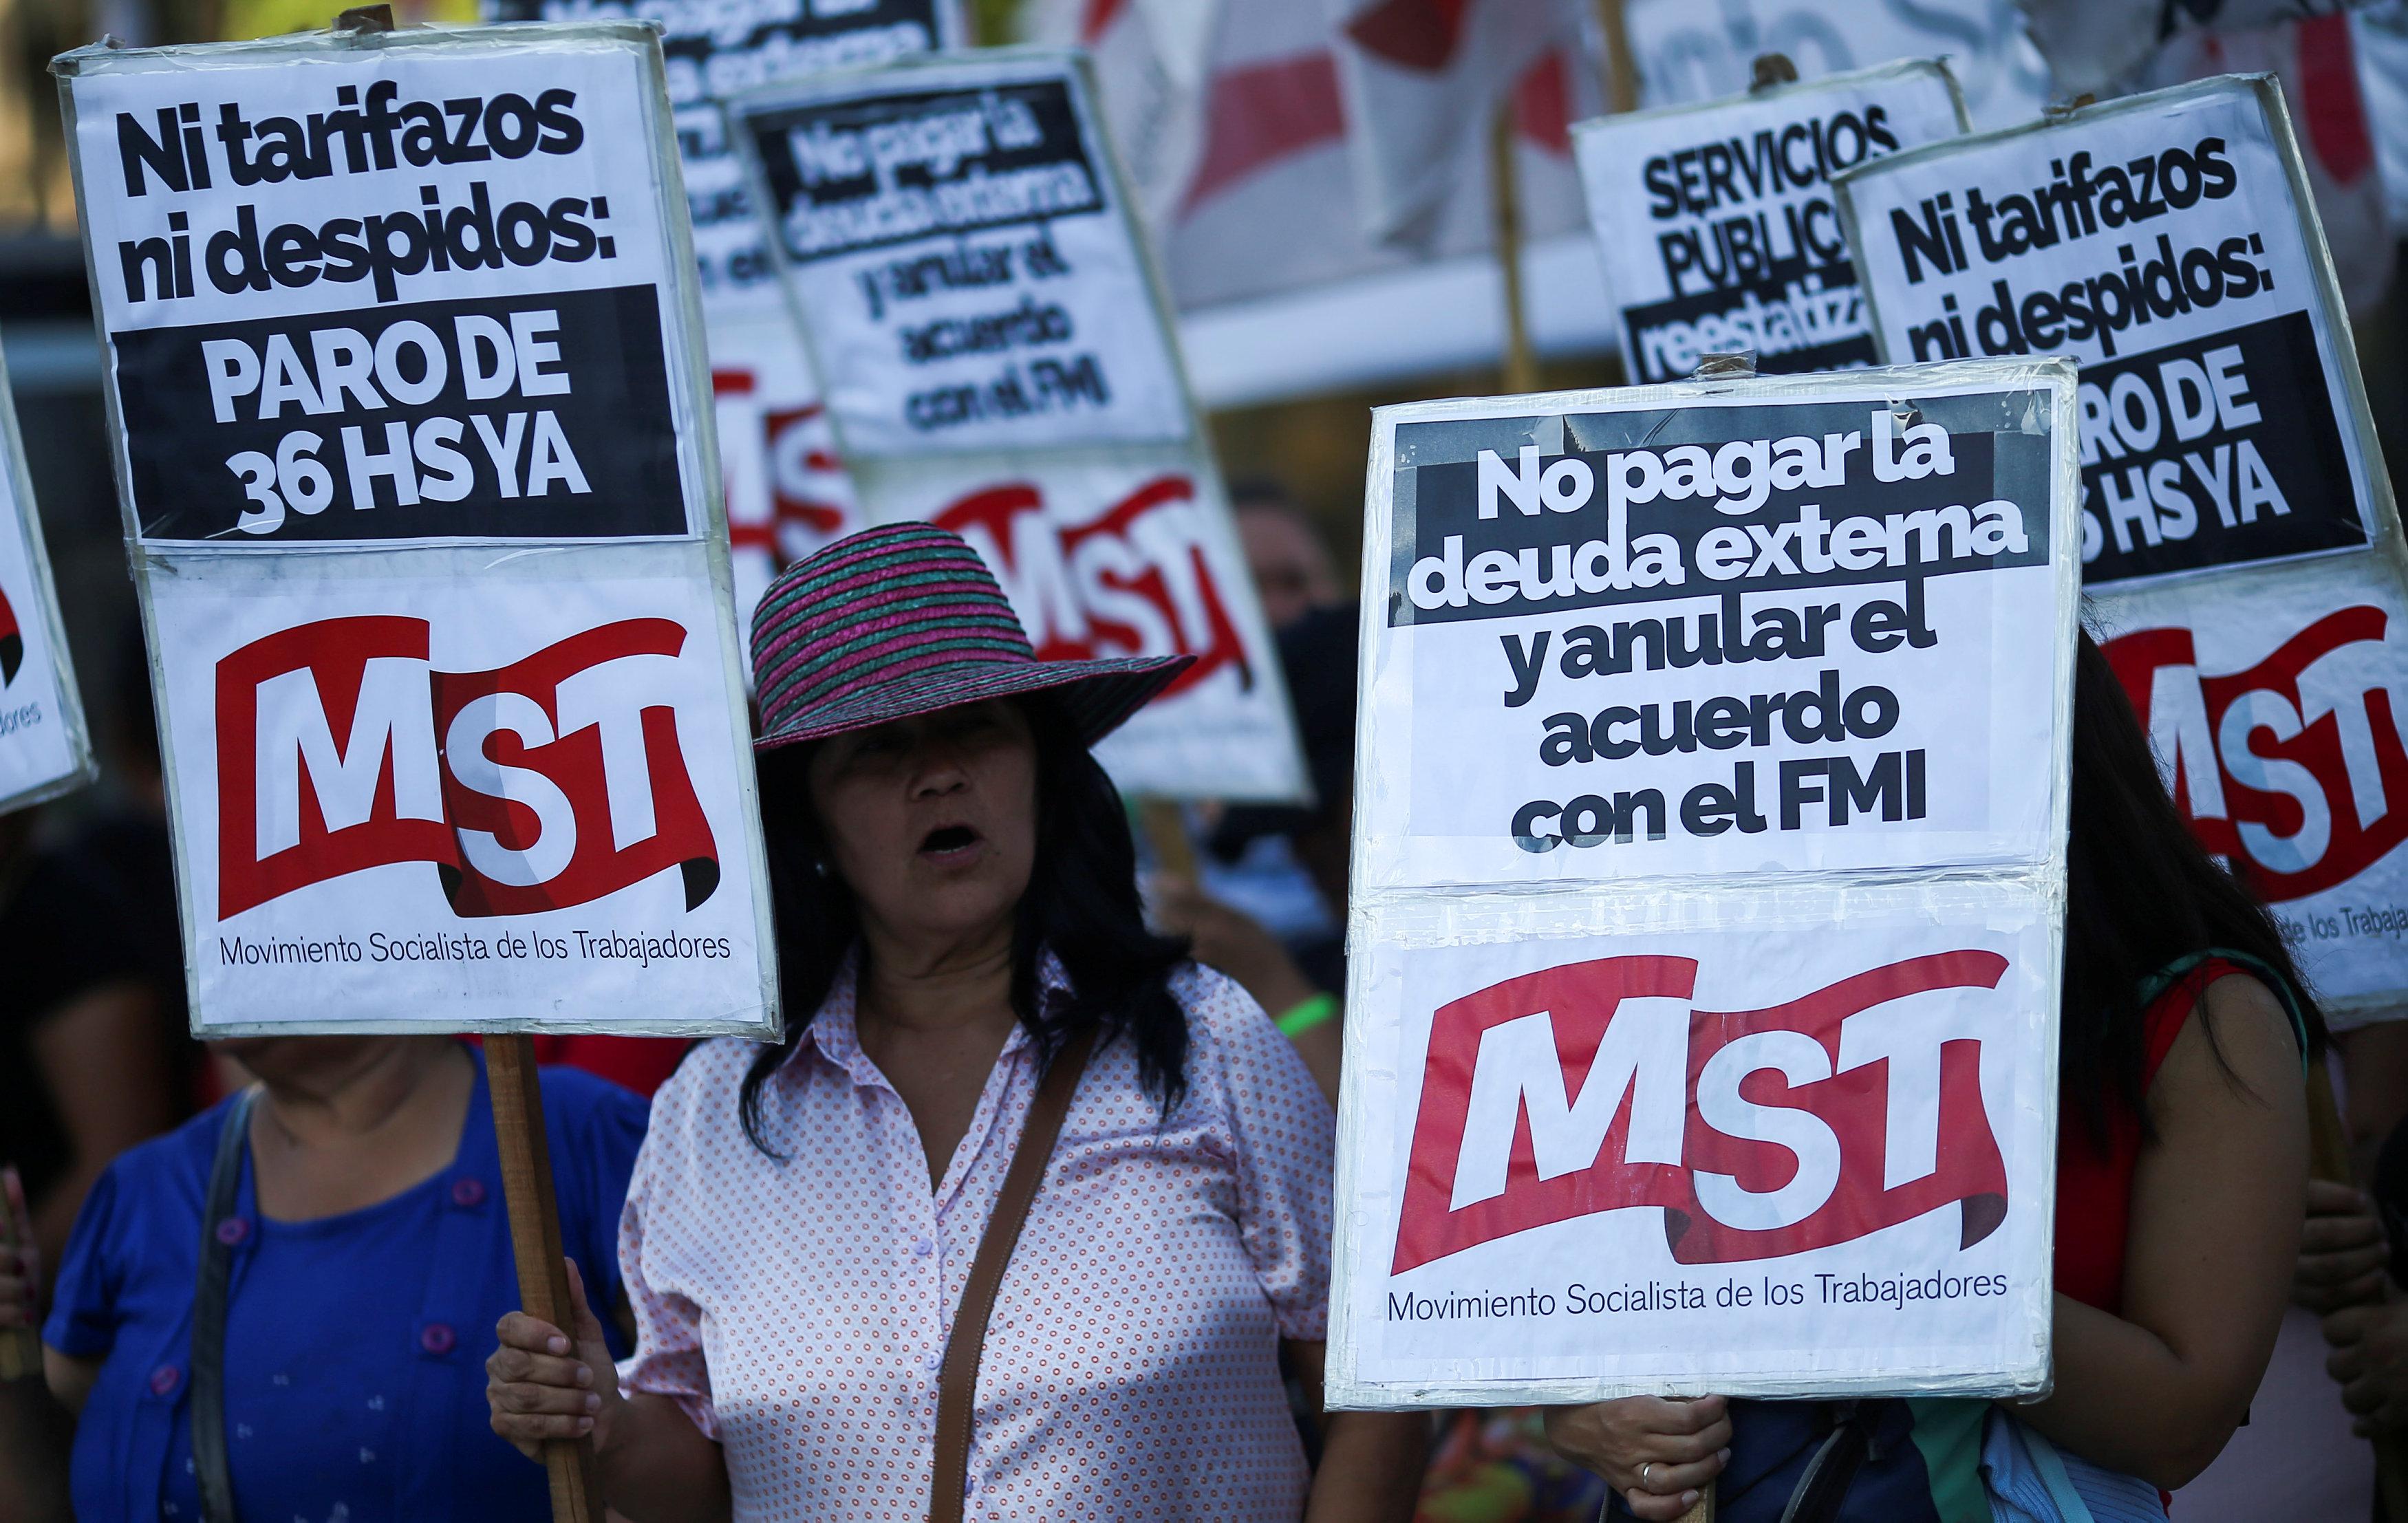 متظاهرون يرفعون اللافتات المناهضة للحكومة